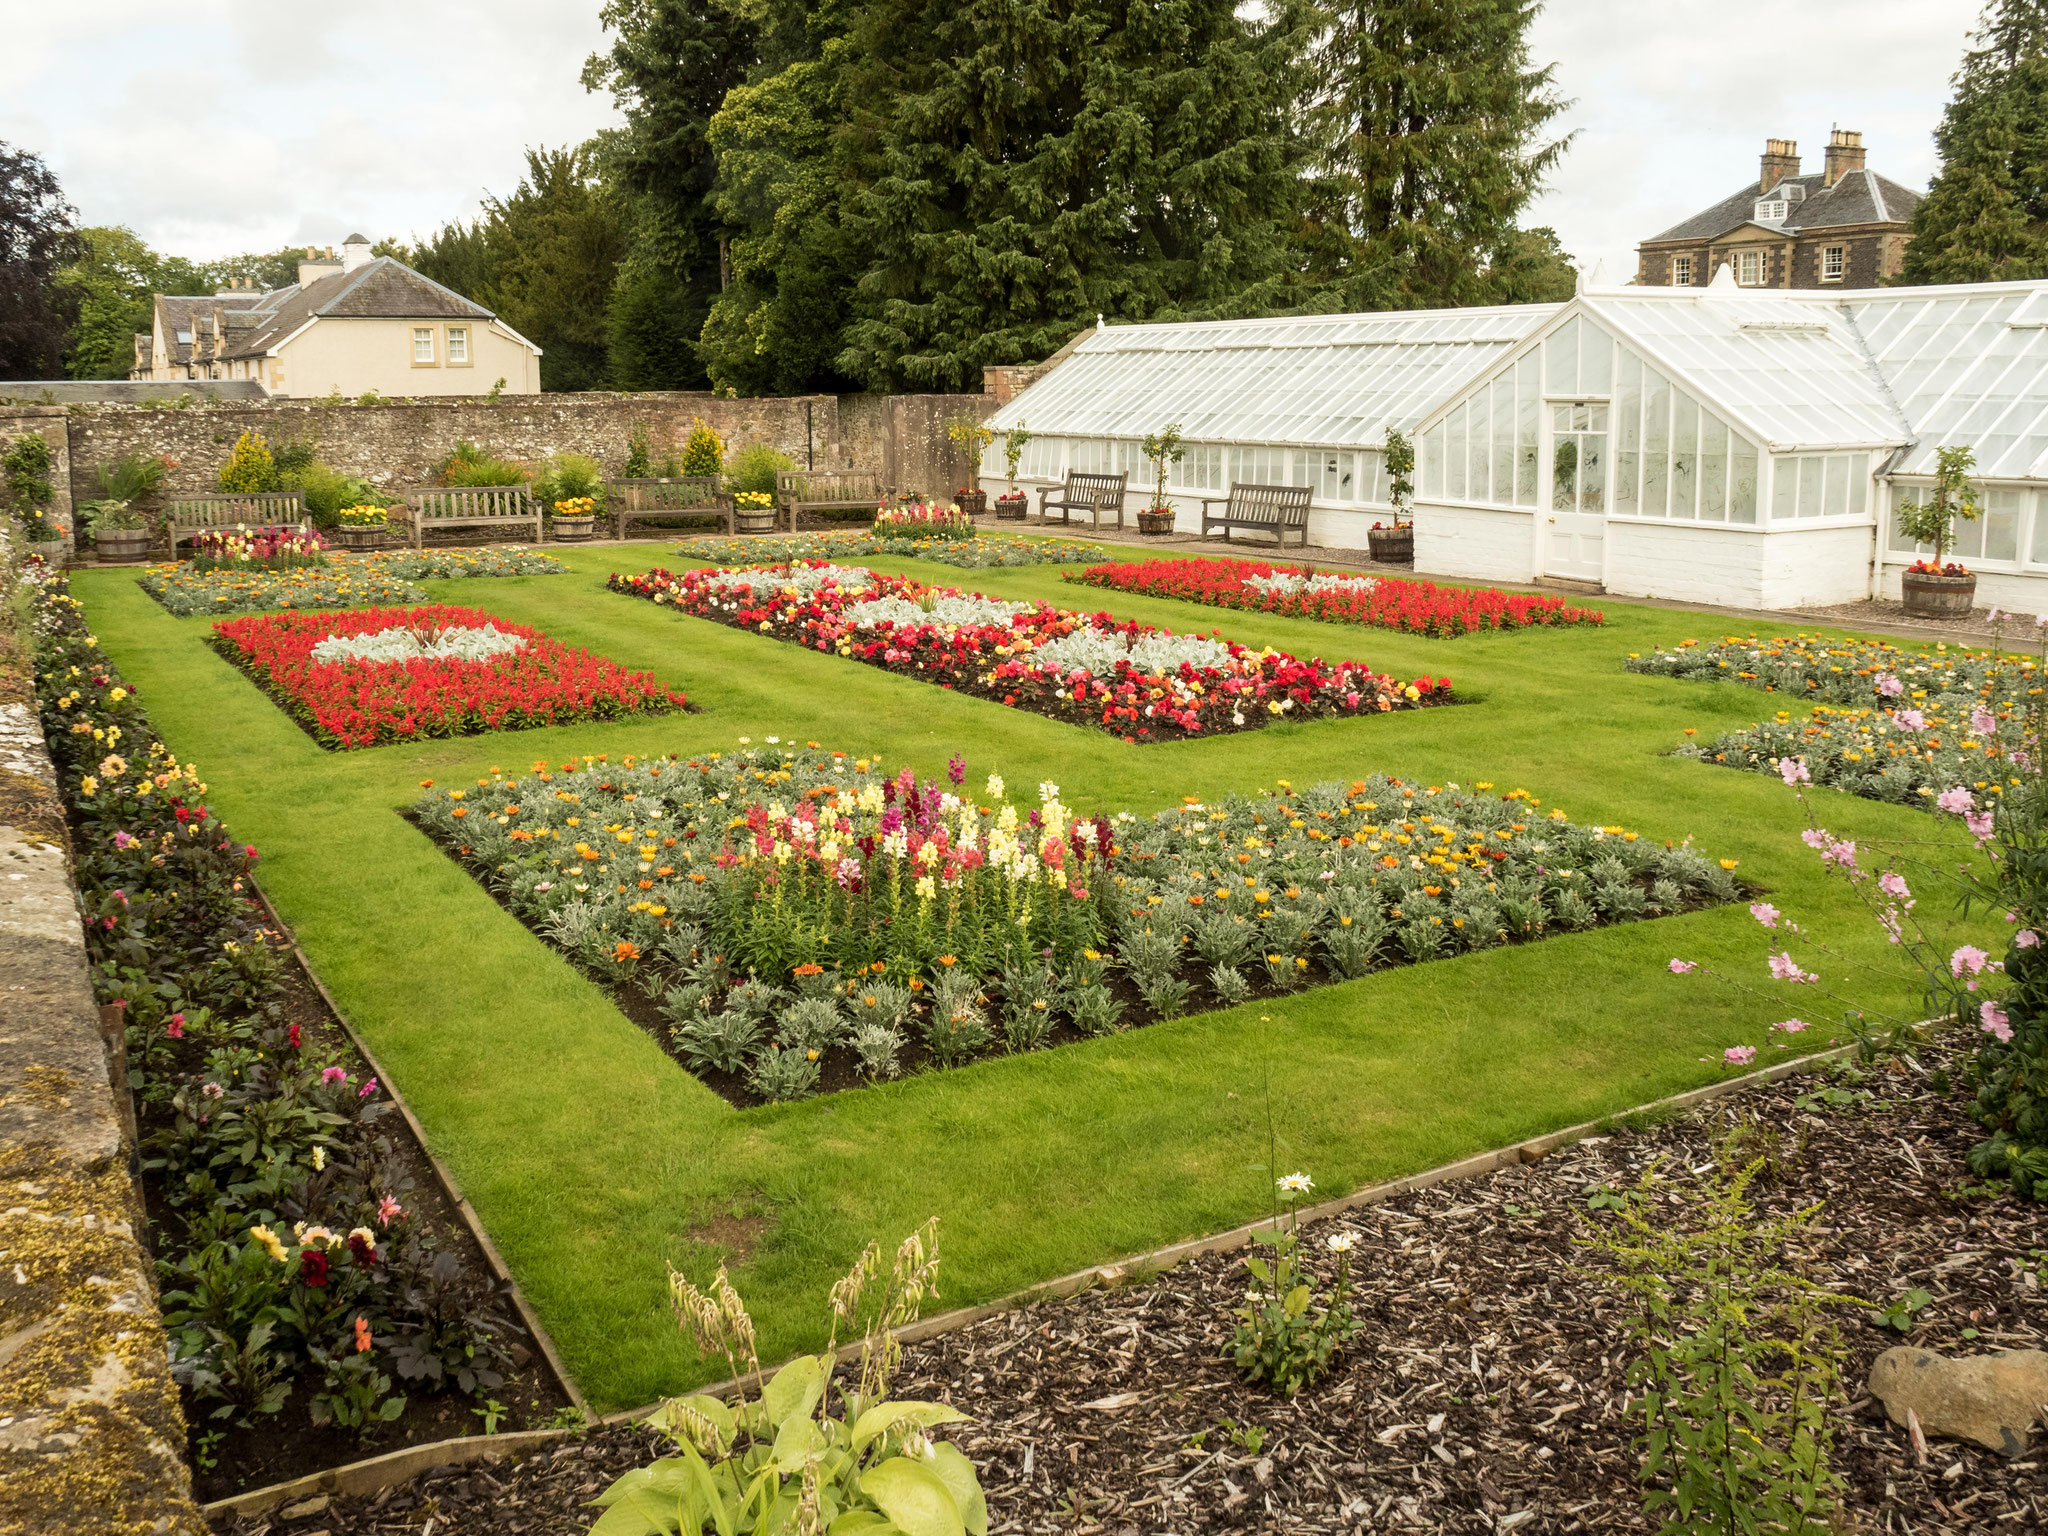 Bild: Melrose Garten beim Abbey House